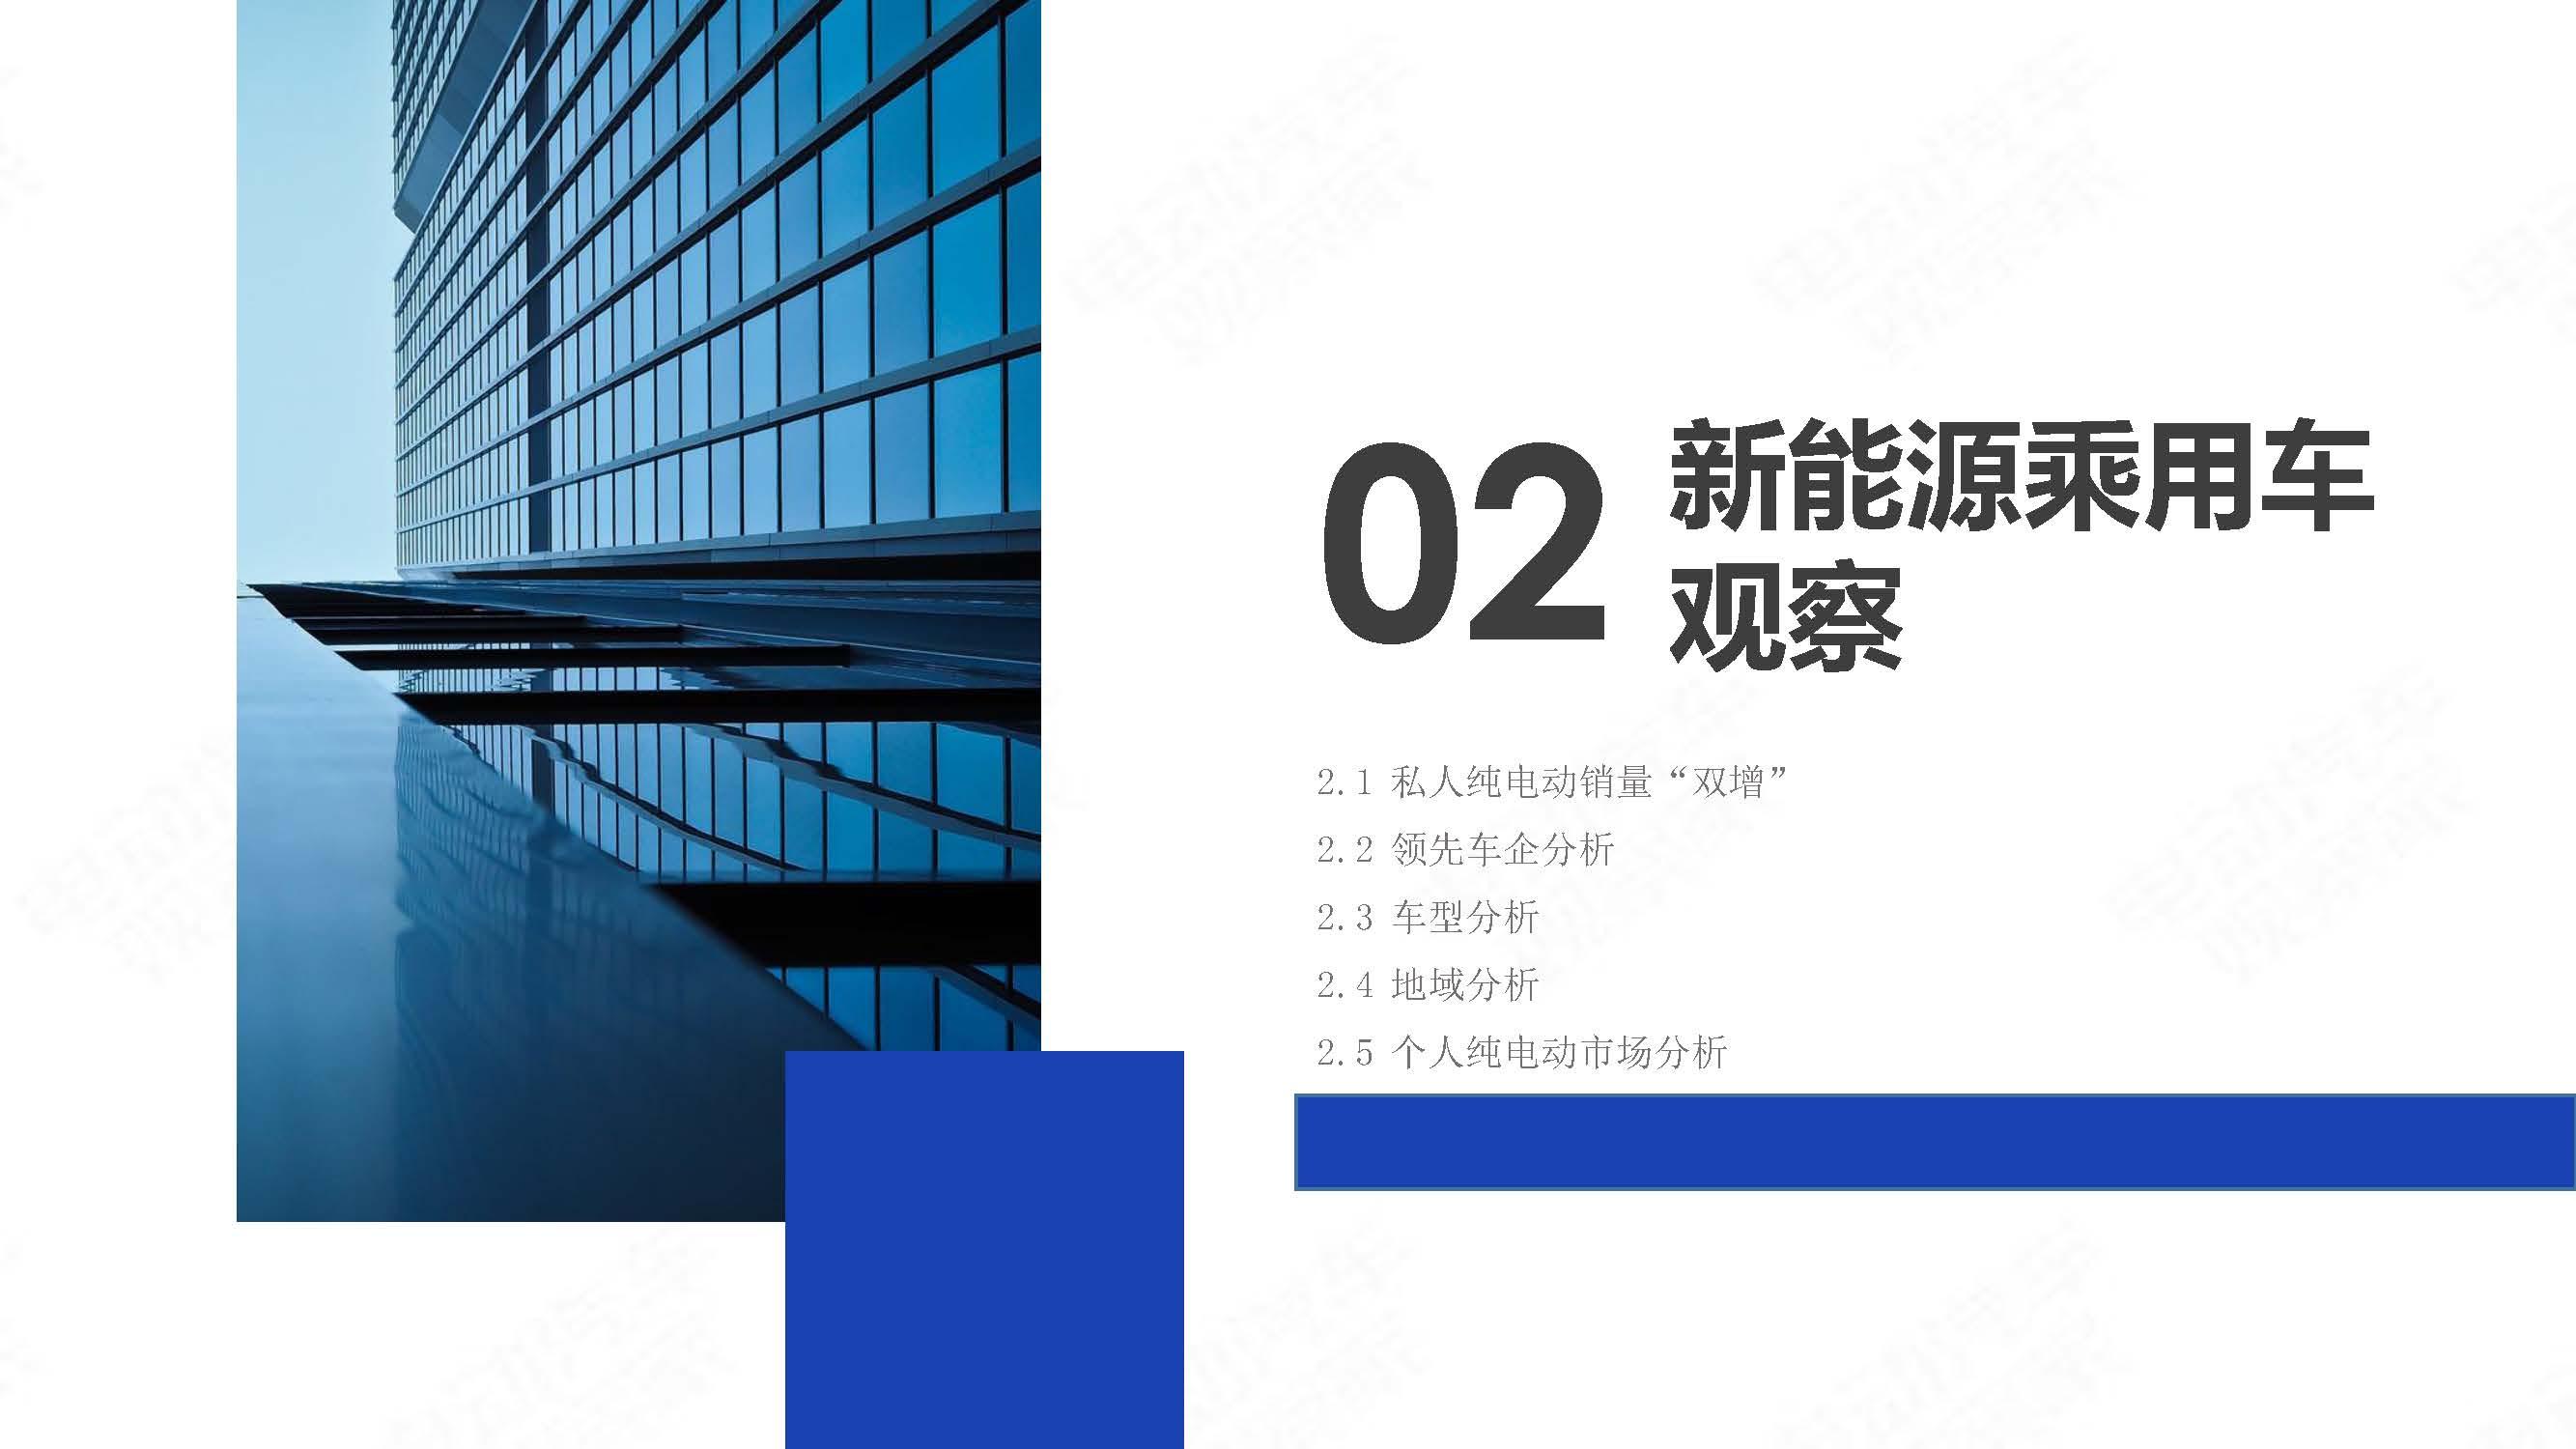 中国新能源汽车产业观察2020年3月简版_页面_05